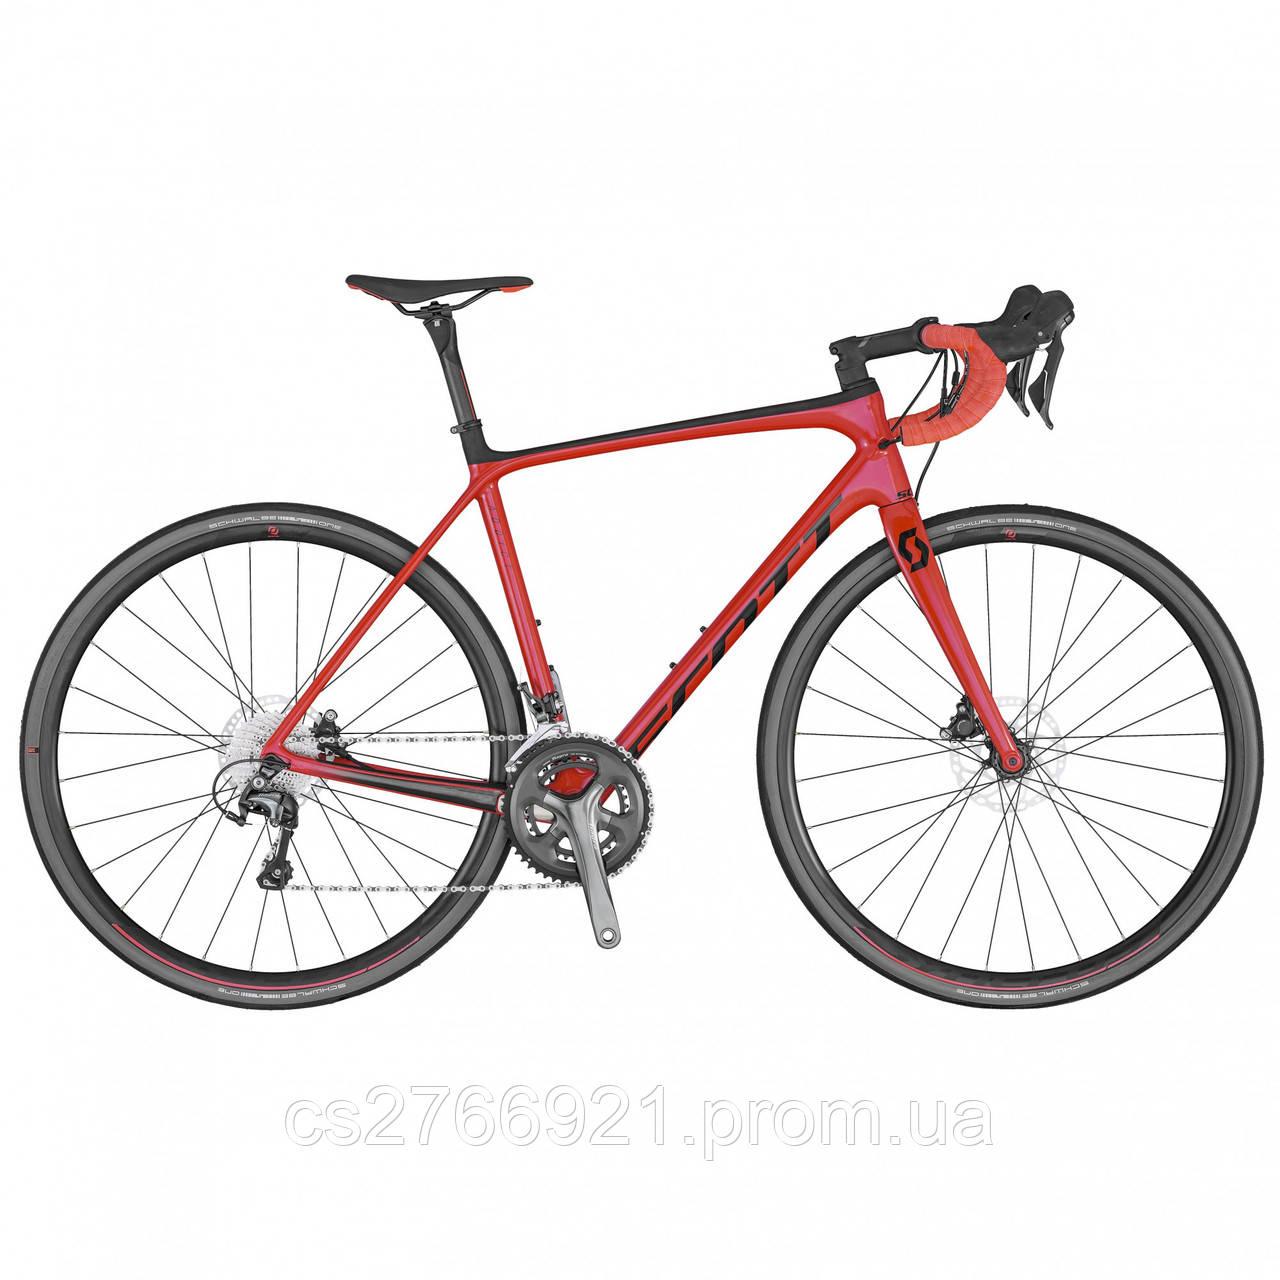 Велосипед ADDICT 30 DISC (TW) 20 SCOTT